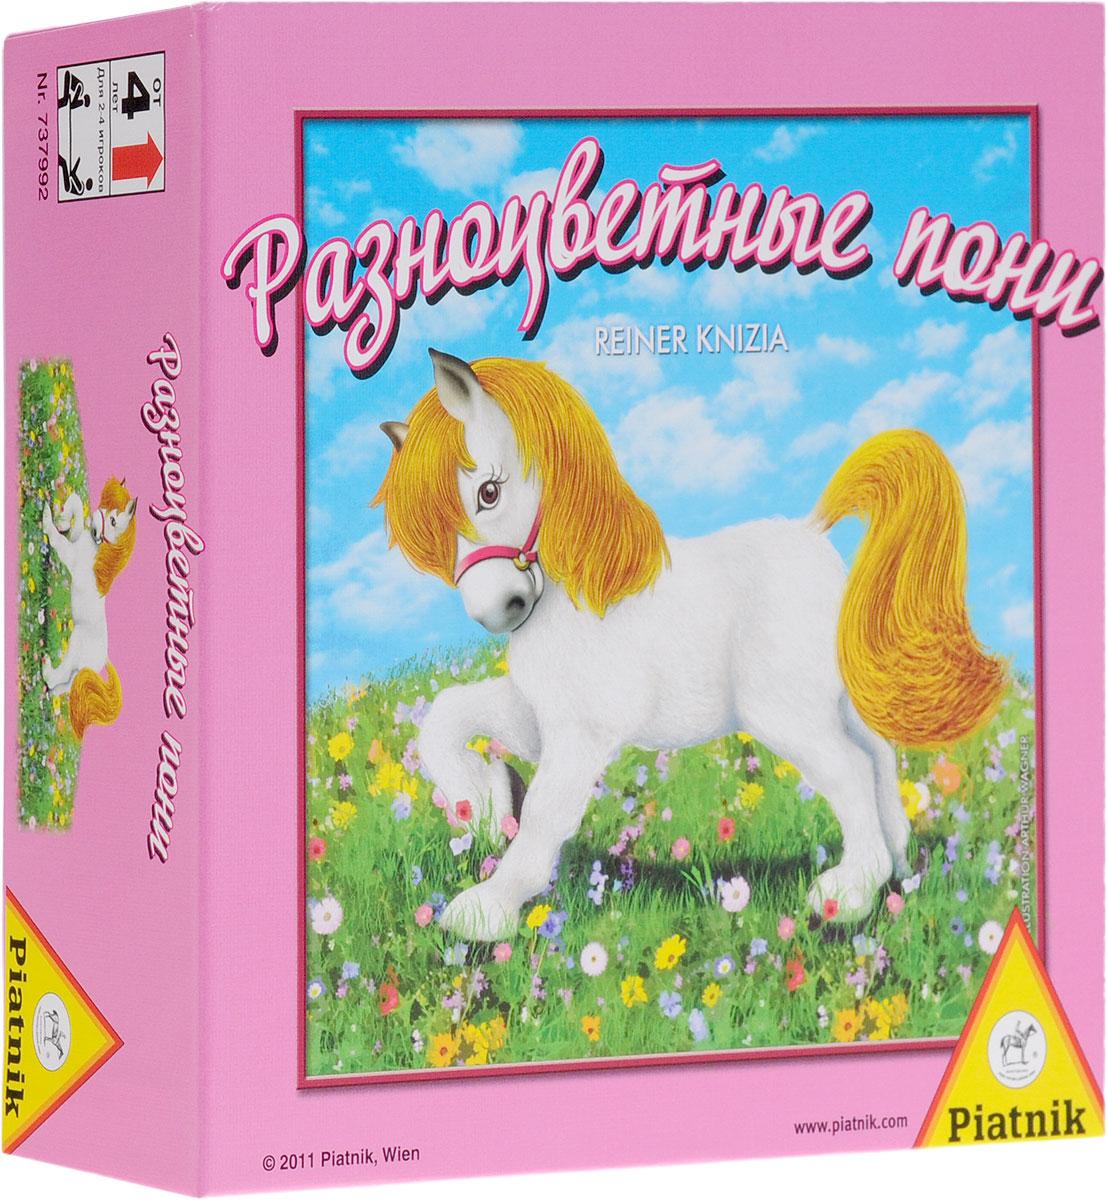 Piatnik Настольная игра Разноцветные пони737992Настольная игра Piatnik Разноцветные пони займет внимание вашего ребенка надолго. Набор игры состоит из карточек с лошадками и подковами, двух цветных кубиков и инструкции на русском языке. Первый игрок бросает оба кубика, цвета, которые выпали на кубике, показывают какую лошадку необходимо найти. Тот из игроков, кто найдет ее первым, мгновенно кладет свою руку на соответствующую карточку. Если эта лошадка уже находится во владении одного из игроков, то остальные должны положить руку на одну из карточек с подковами. Но внимание: это должна быть та карточка, на которой находится наименьшее количество подков. Кто из игроков среагировал быстрее остальных и положил руку на правильную карточку, может ее взять и положить перед собой в открытом виде. Игра заканчивается, когда последнюю карточку с подковами забирают со стола. Побеждает тот игрок, который набрал наибольшее количество карточек. В комплект игры входят: 21 карточка с лошадками, 5 карточек с подковами, 2...